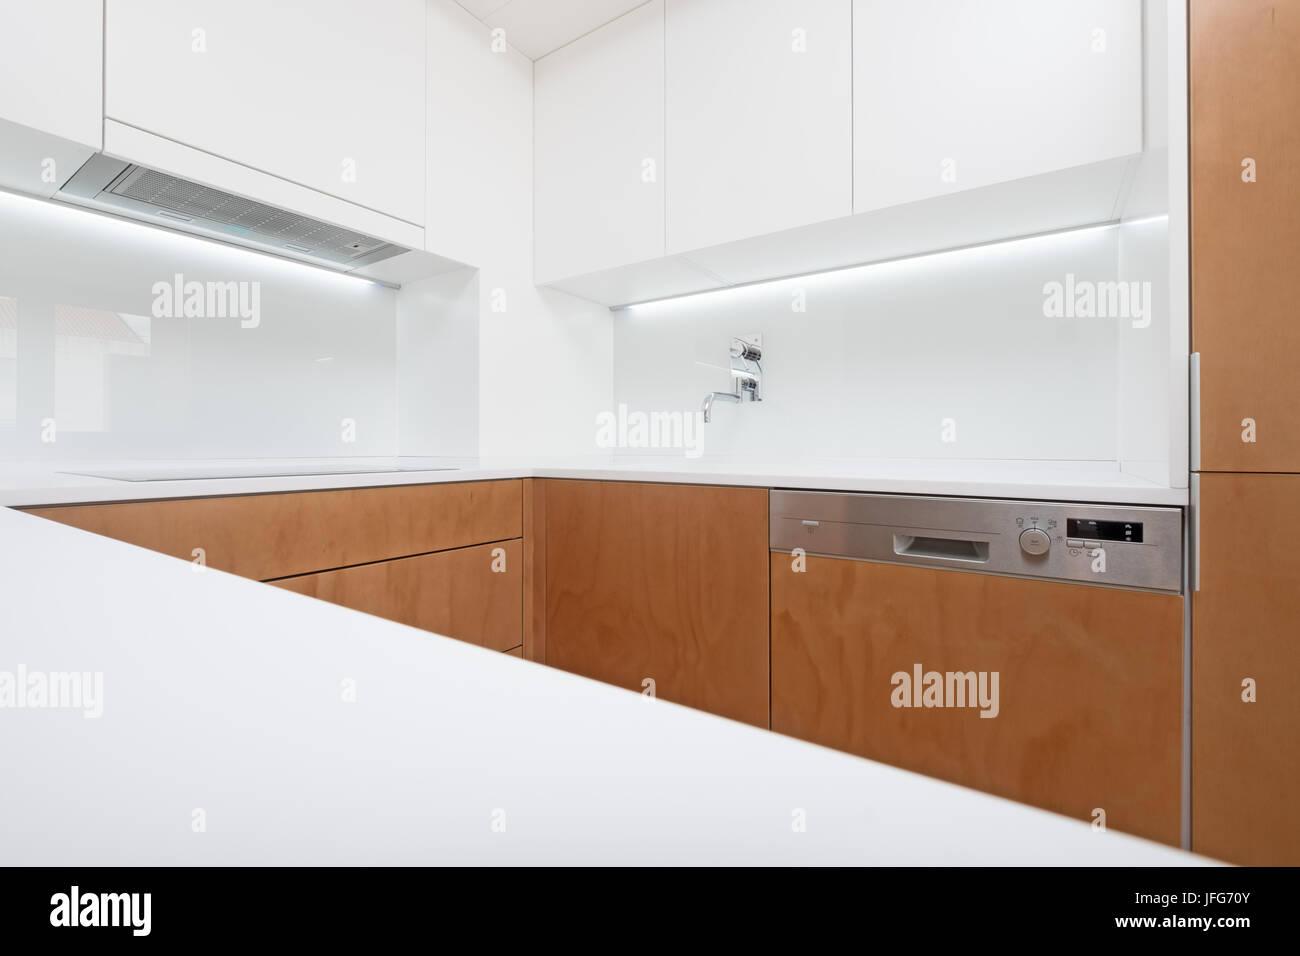 Moderne Küche Einrichtung Mit Weißen Und Holz Schränke Stockbild